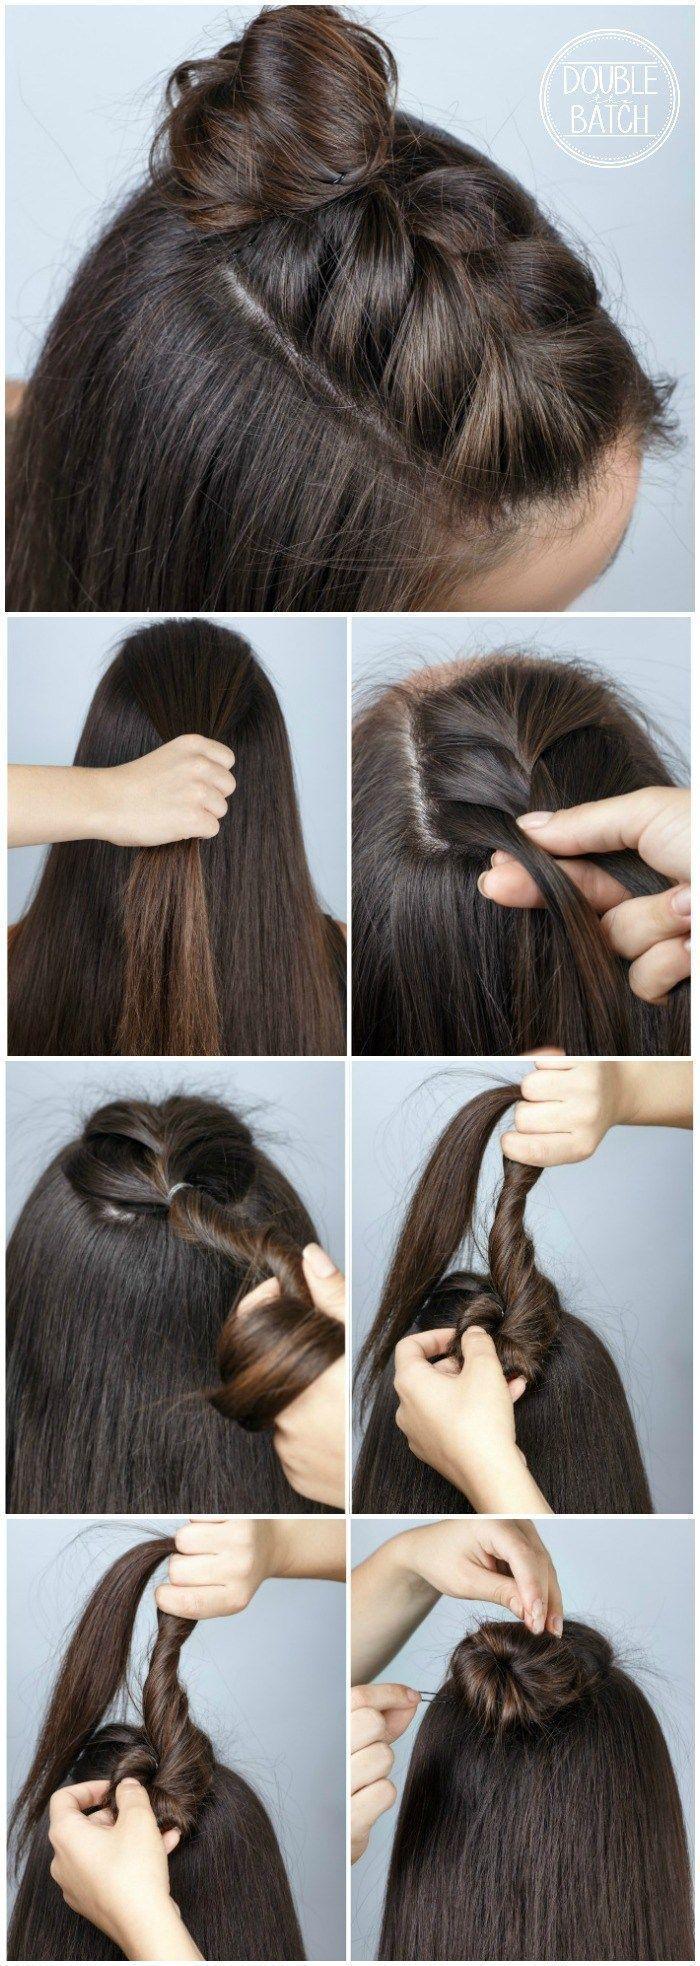 DIY Half Braid Frisur Tutorial, eine einfache und schnelle Haaridee für Mädchen - Hair Styles #girlhair